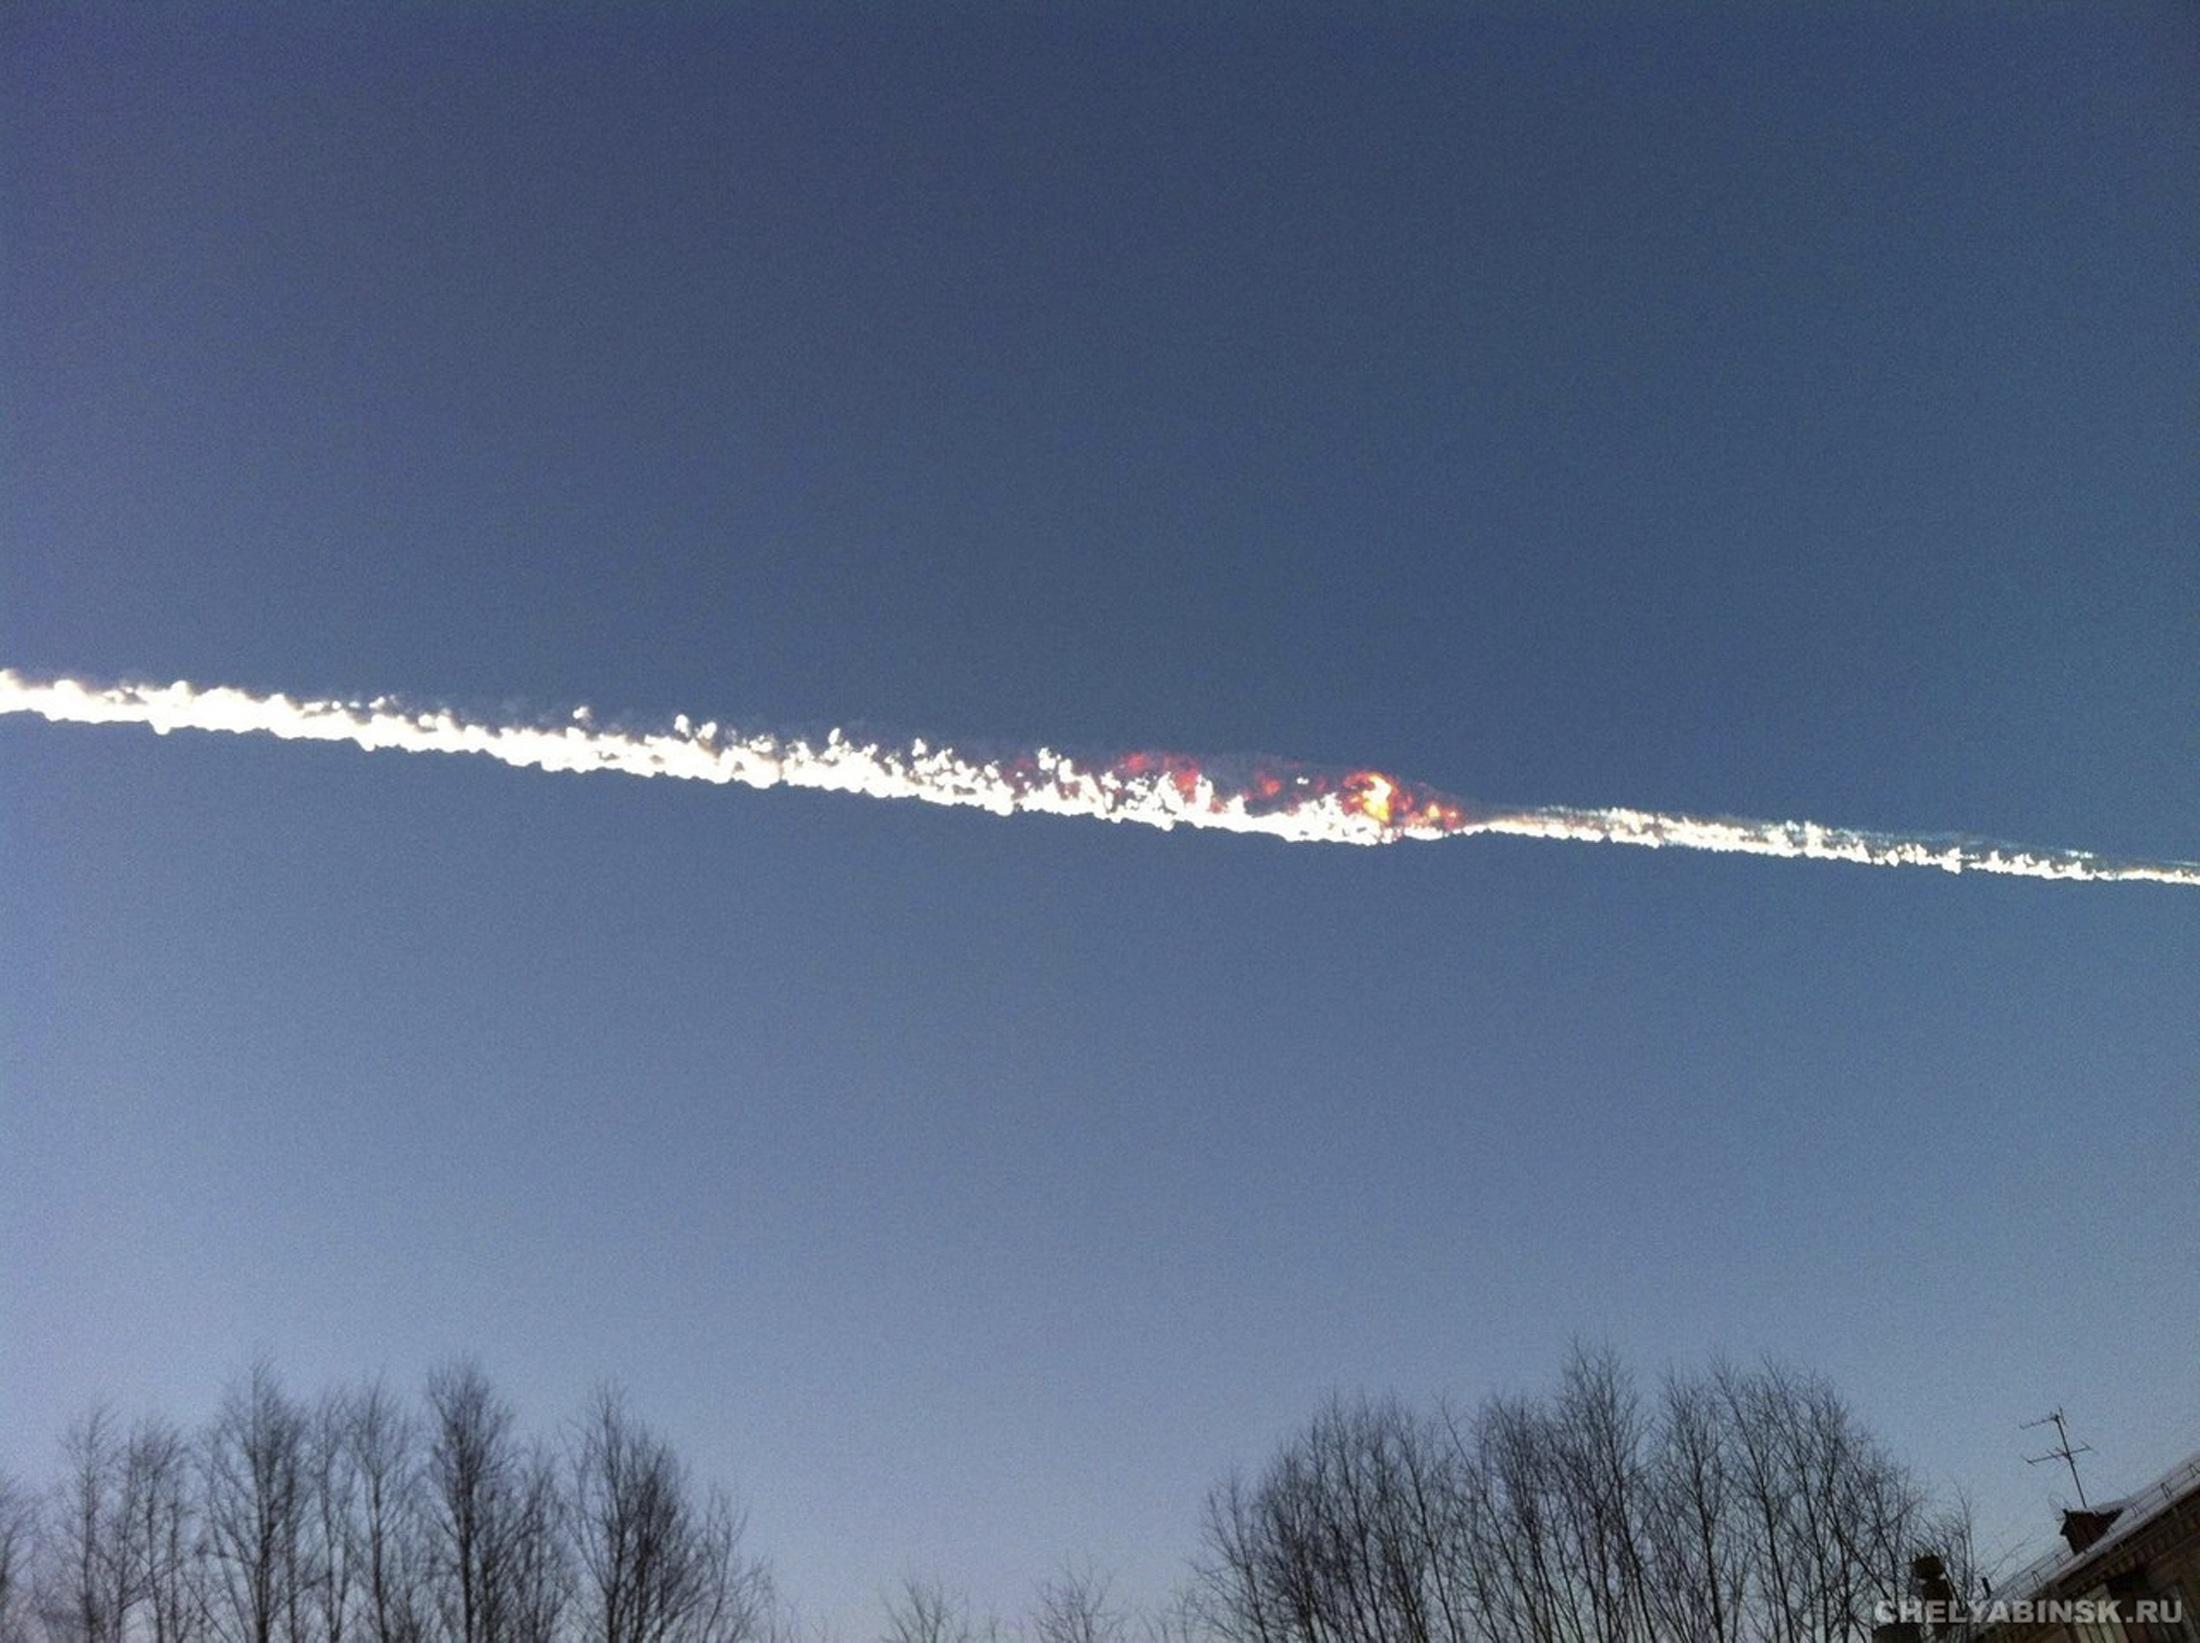 当地时间2月15日,俄罗斯车里亚宾斯克州降下陨石雨,造成700多人受伤。